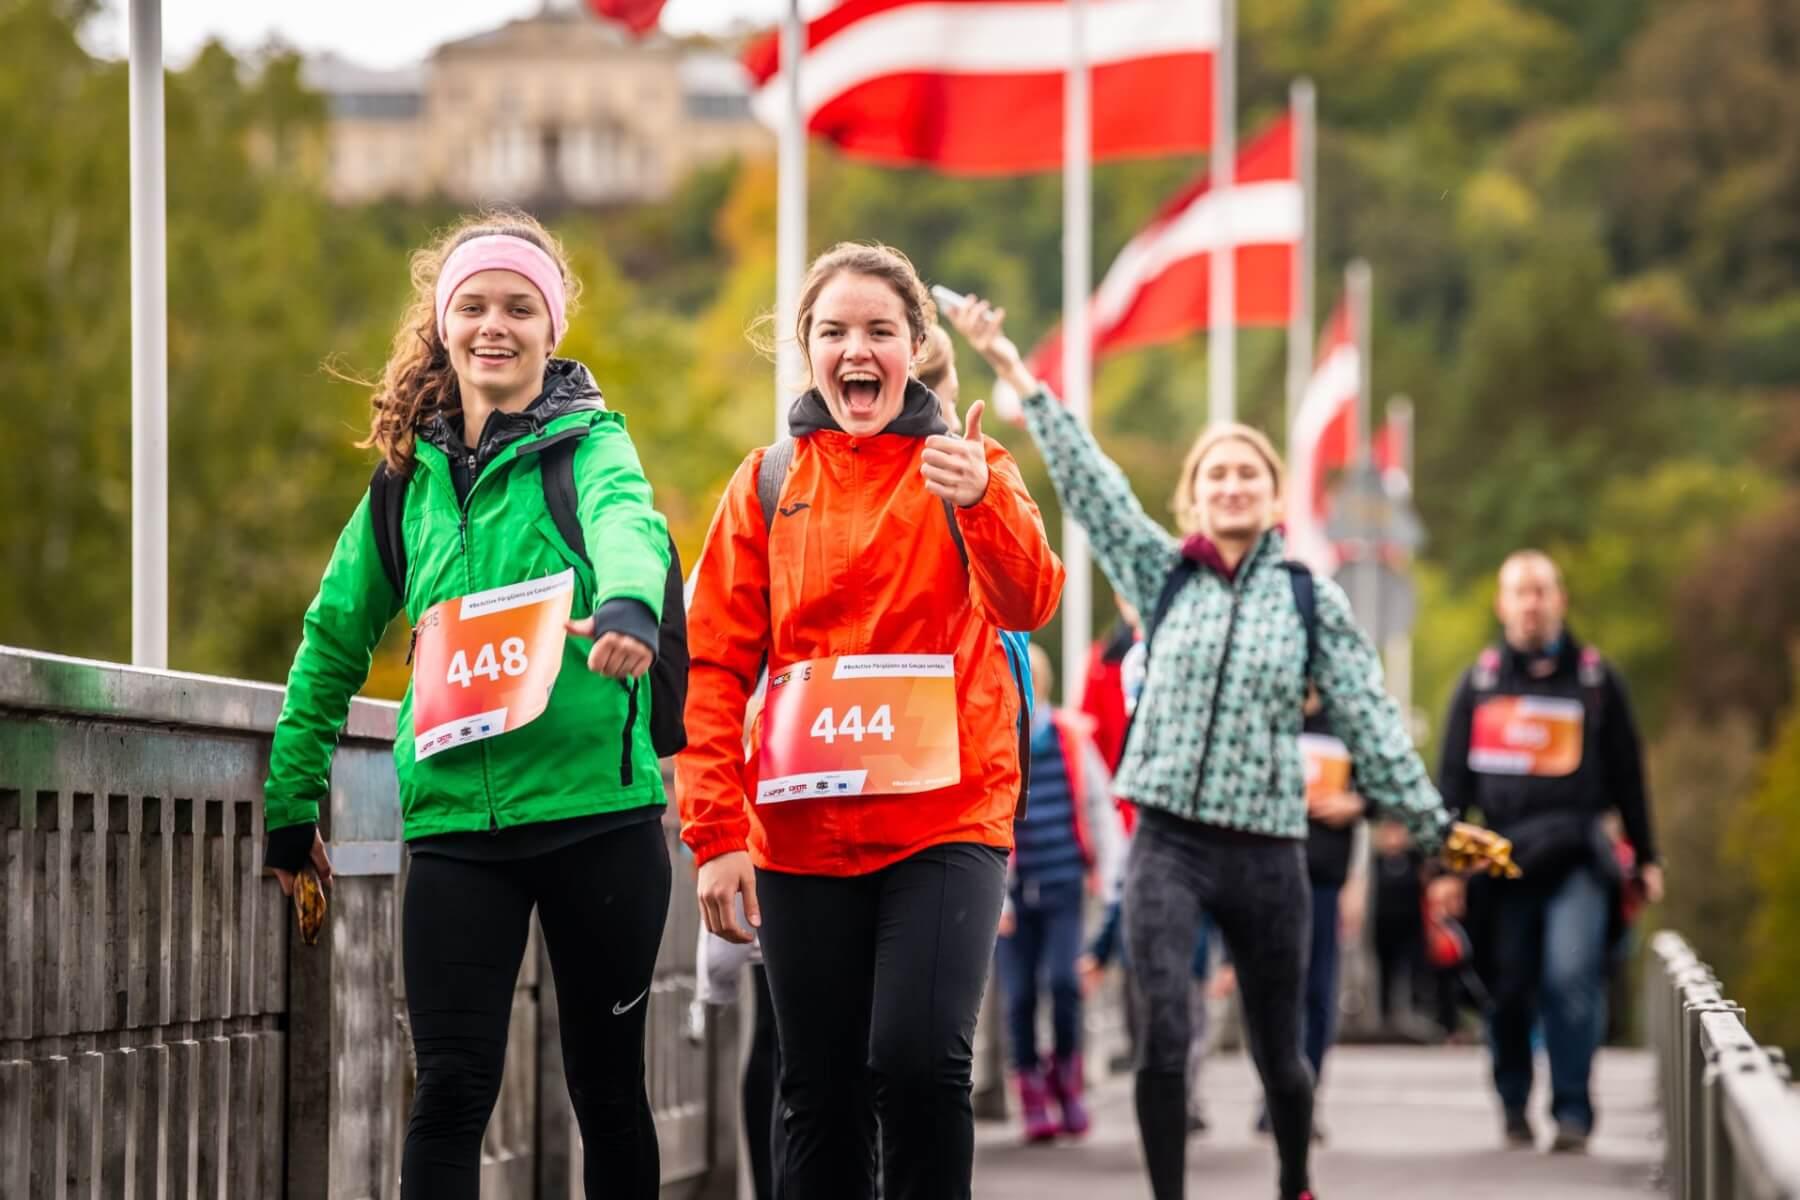 Latvijā sākas Eiropas Sporta nedēļa